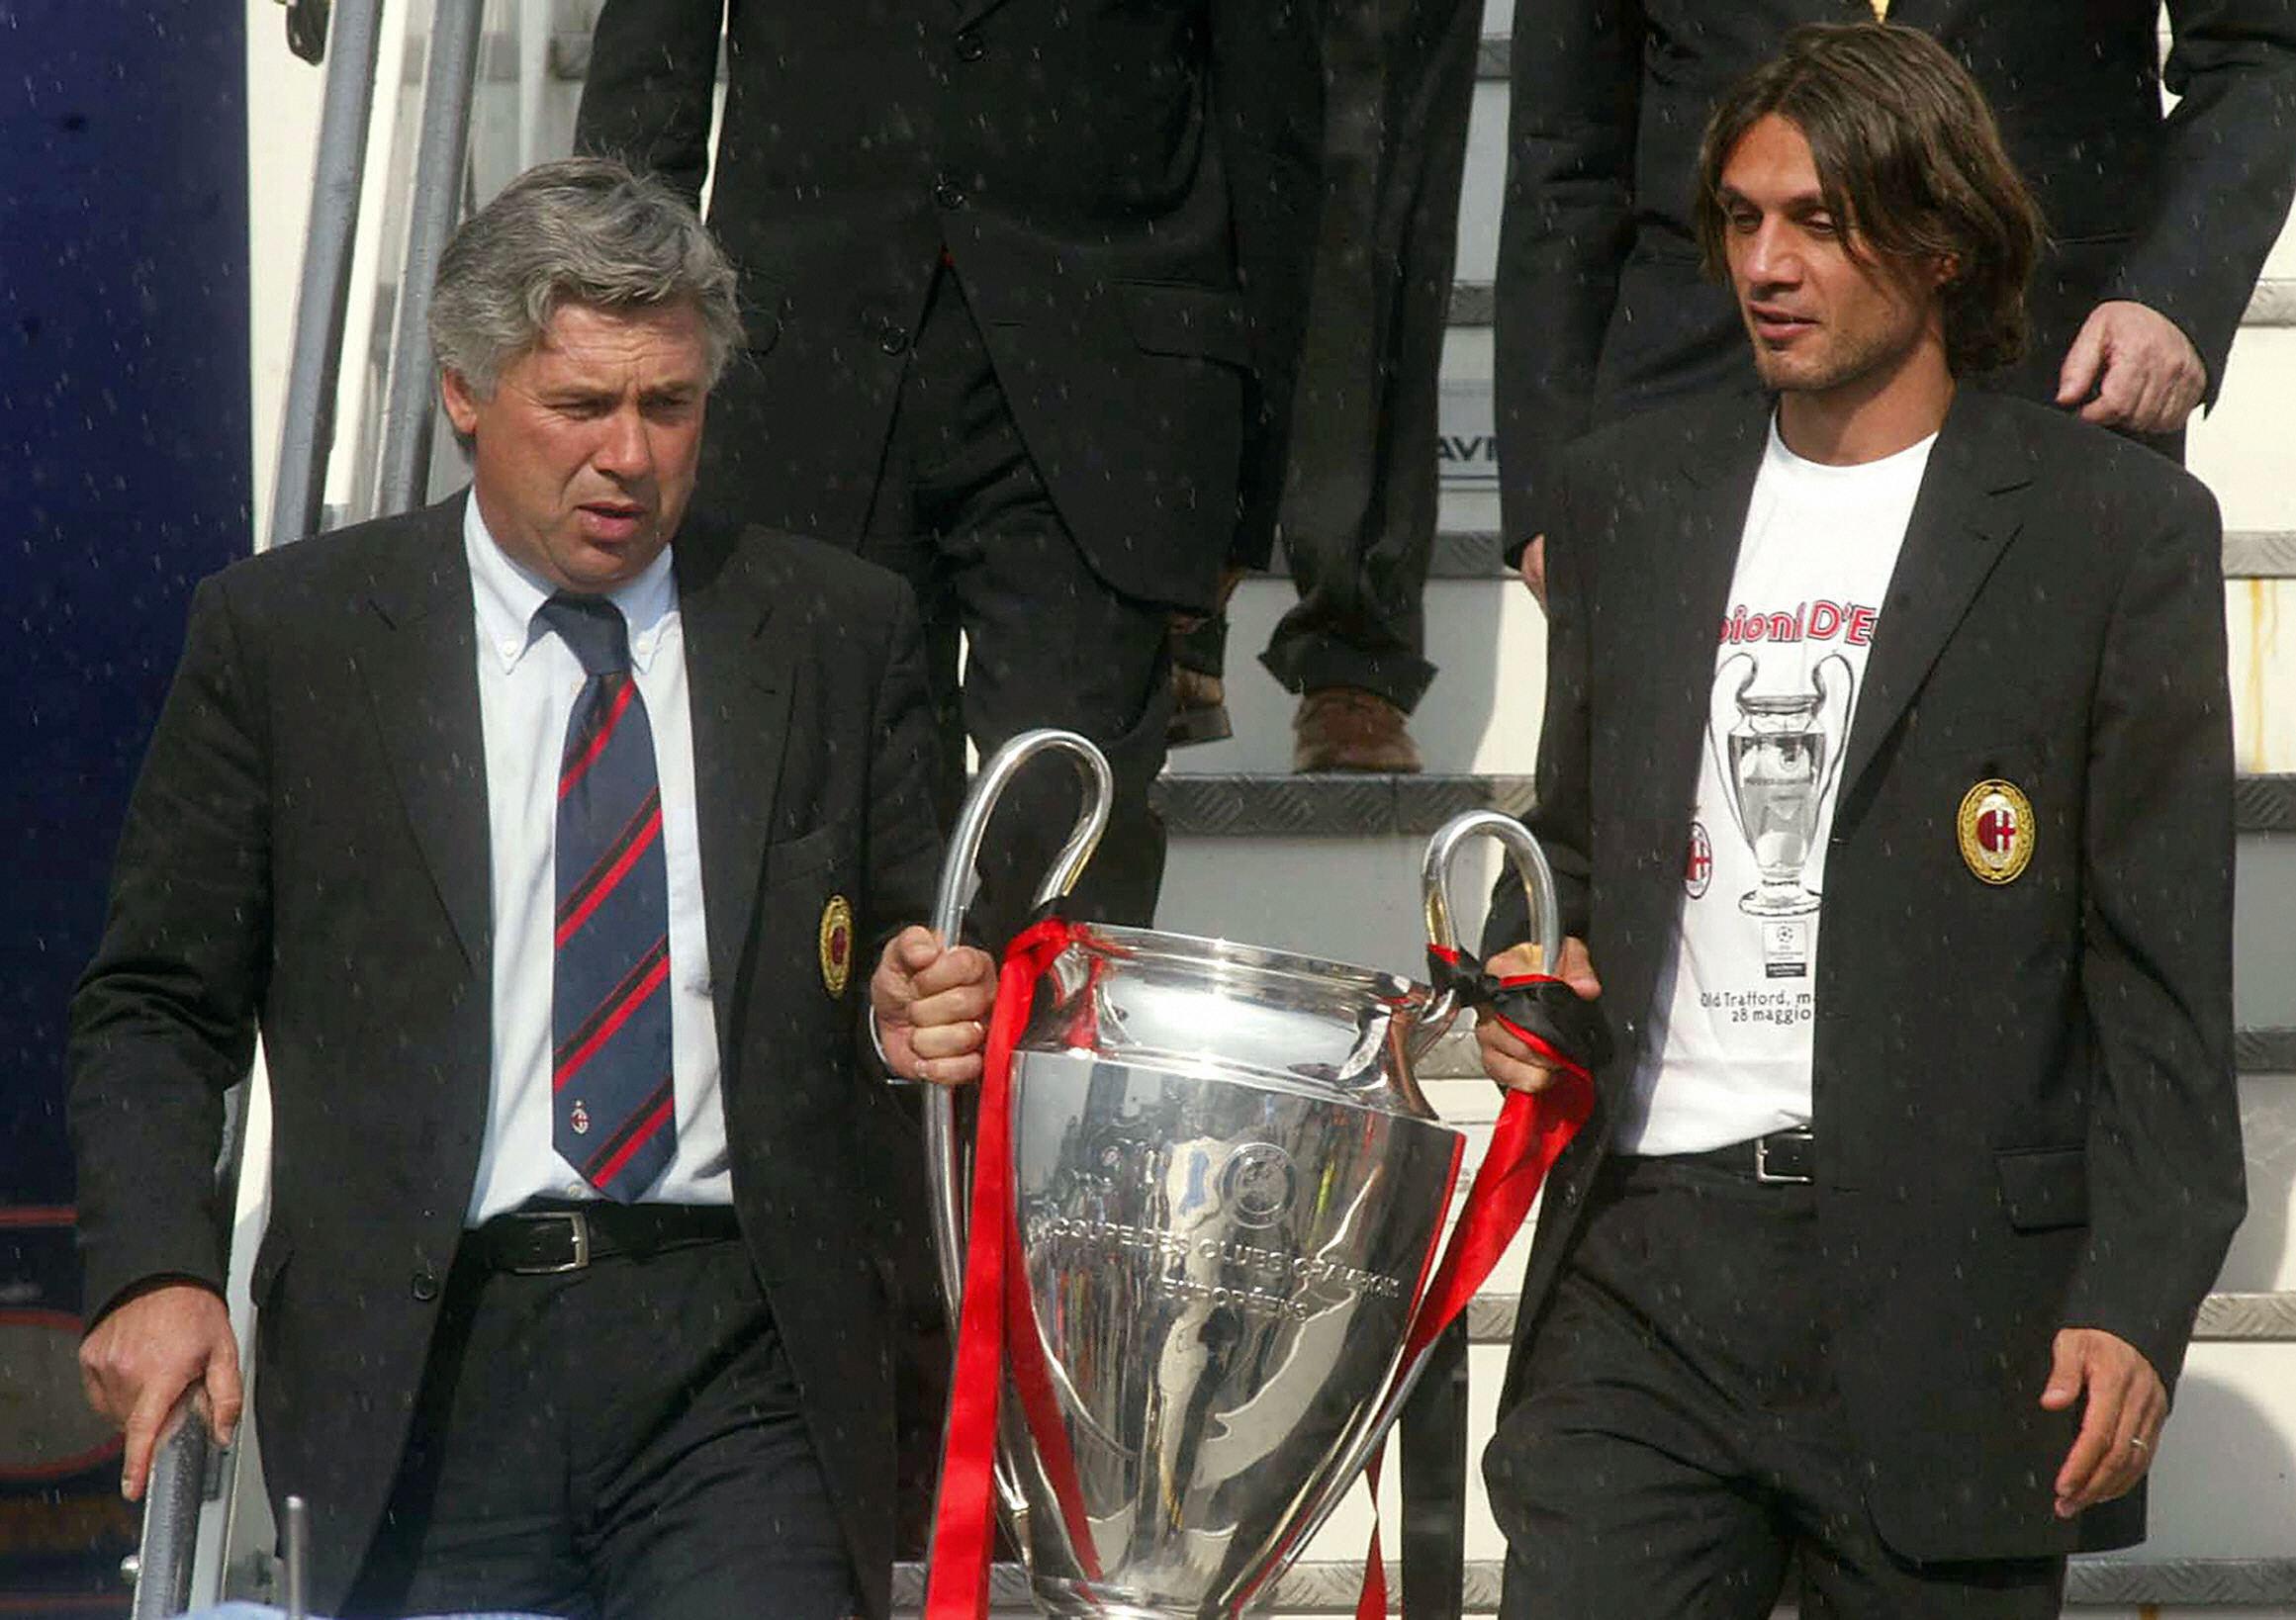 Carlo Ancelotti e Paolo Maldini con la Champions League 2002/03